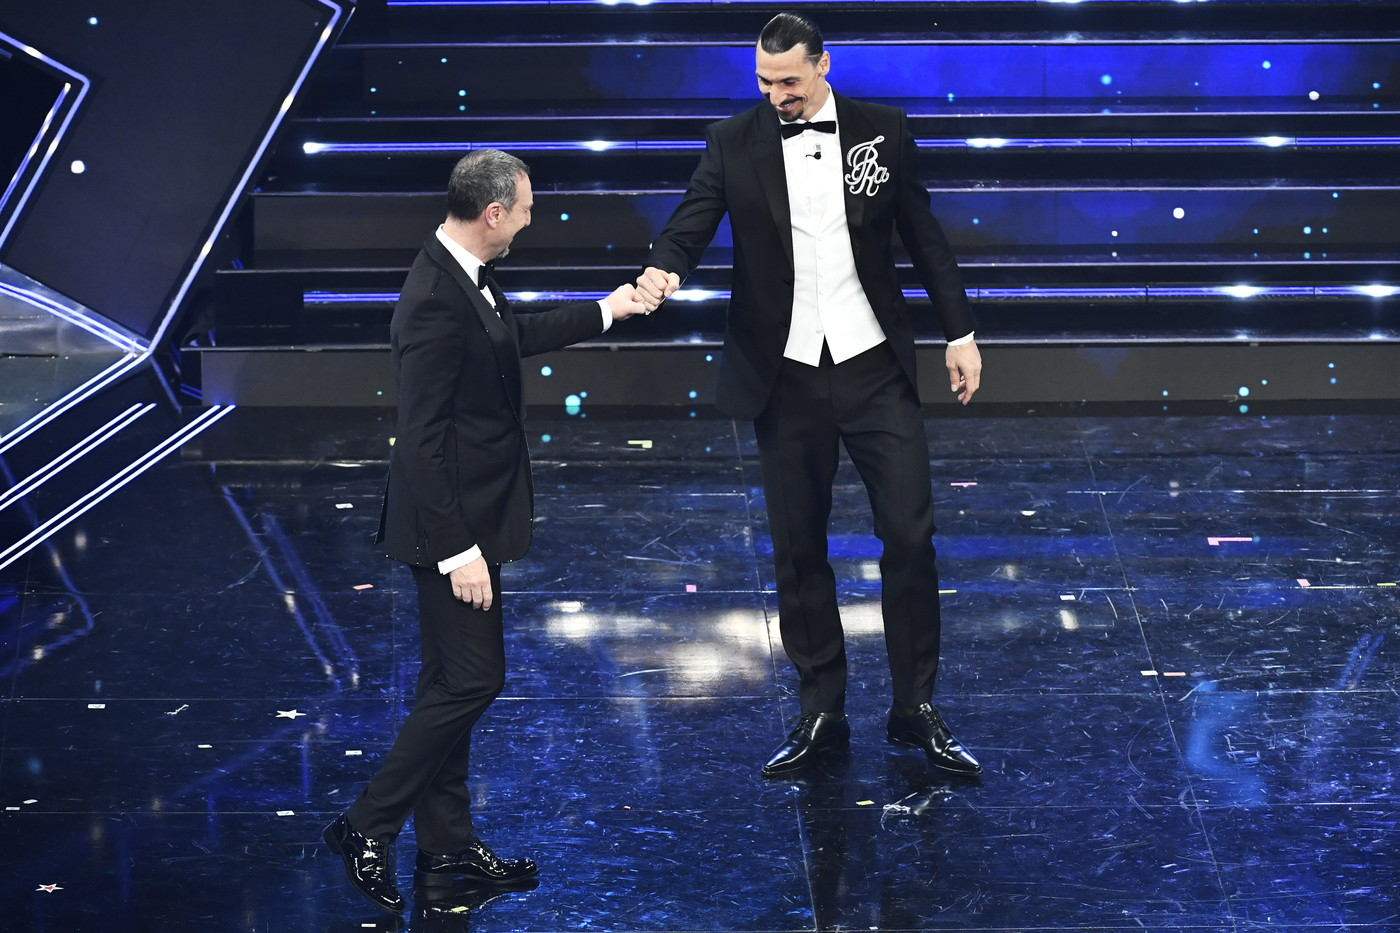 La prima volta sul palco dell&#39;Ariston per Zlatan.<br /><br />